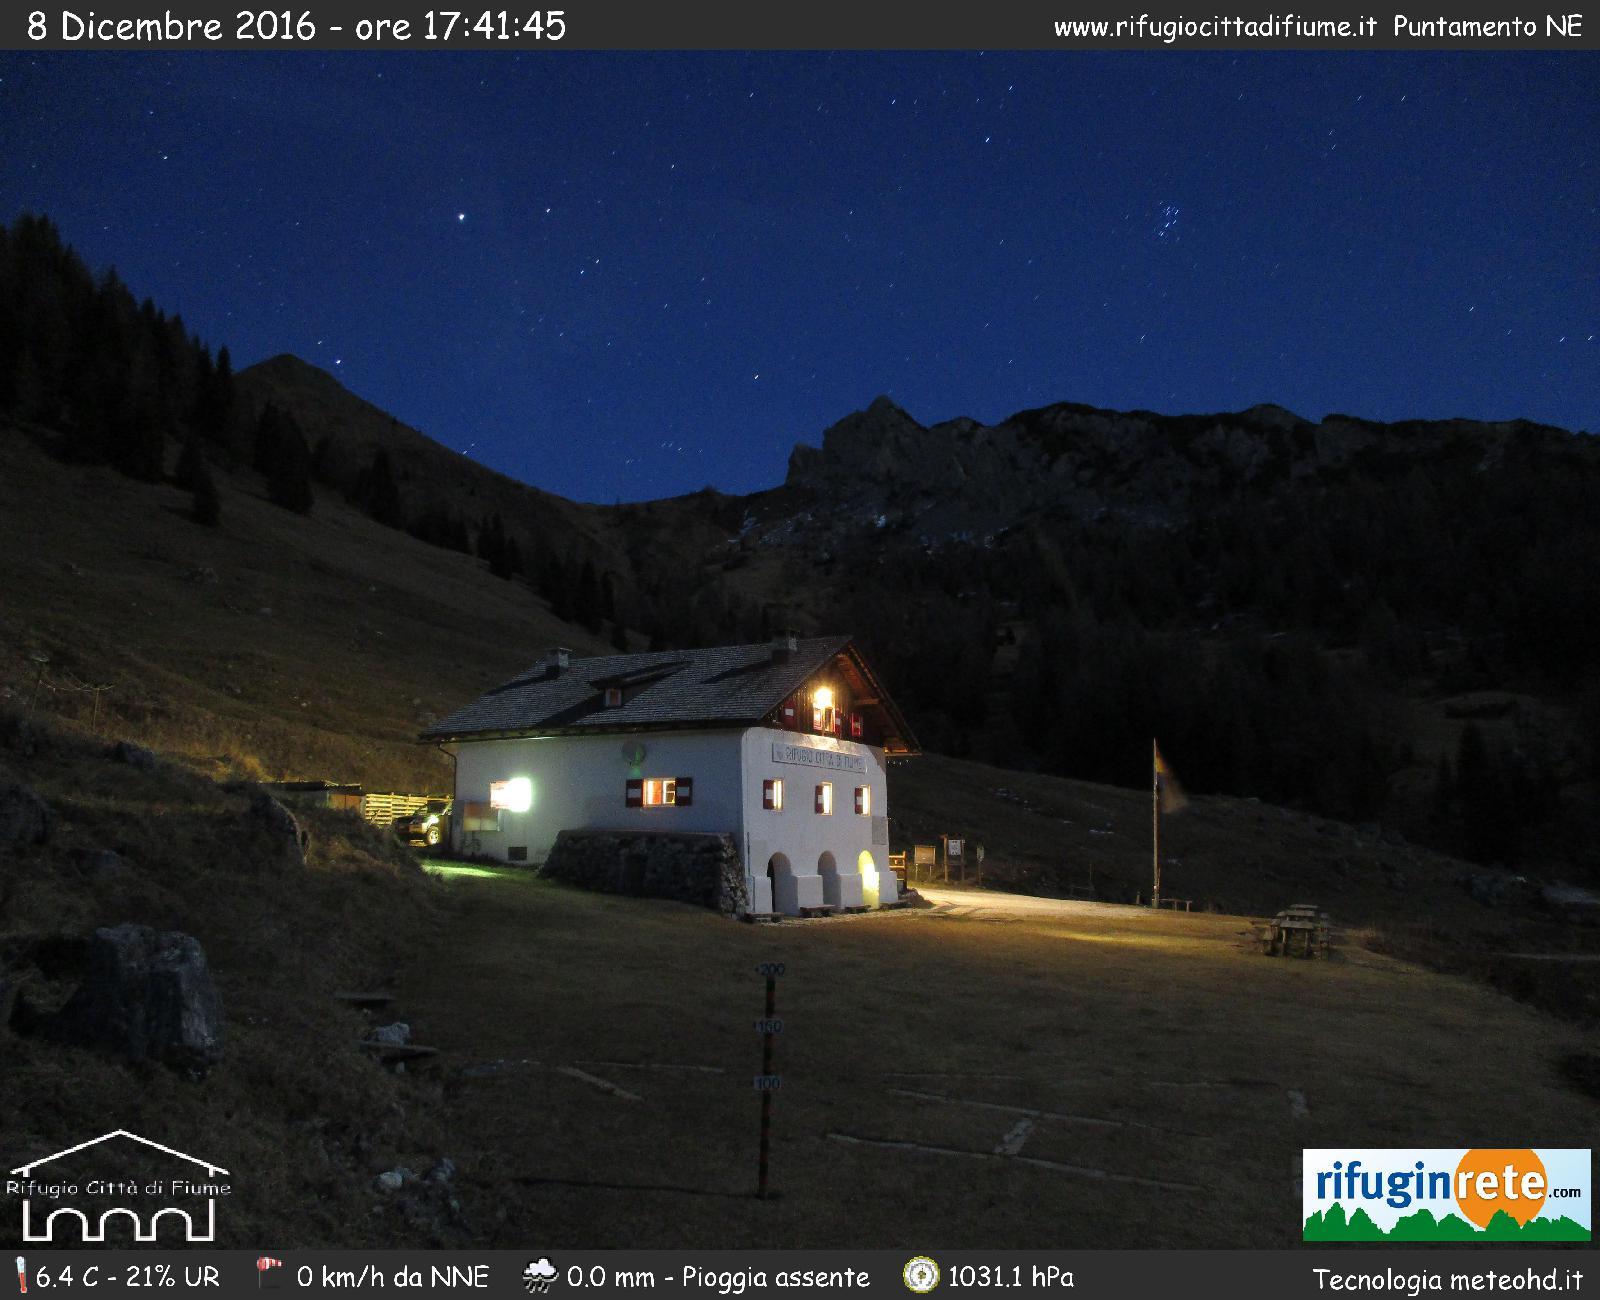 Veneto centro-settentrionale Inverno 2016-17-citta-fiume-08-12-16.jpg